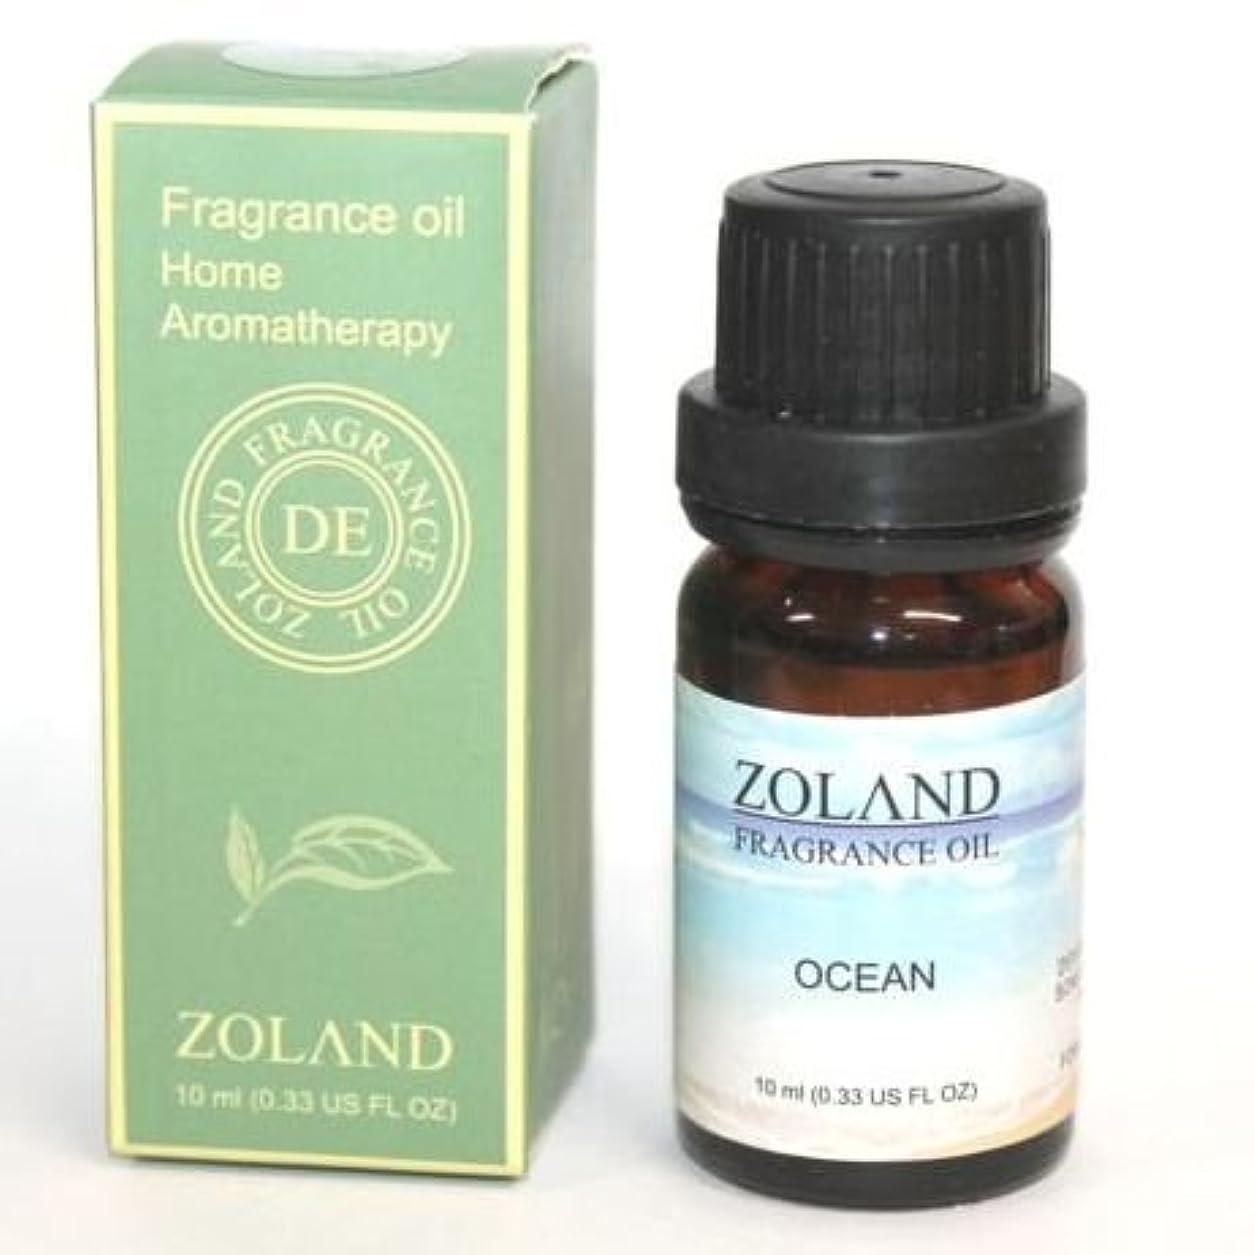 照らすバスルーム言うまでもなくZOLAND アロマオイル AROMA OIL フレグランスオイル OCEAN オーシャン 海の香り ZQ-6